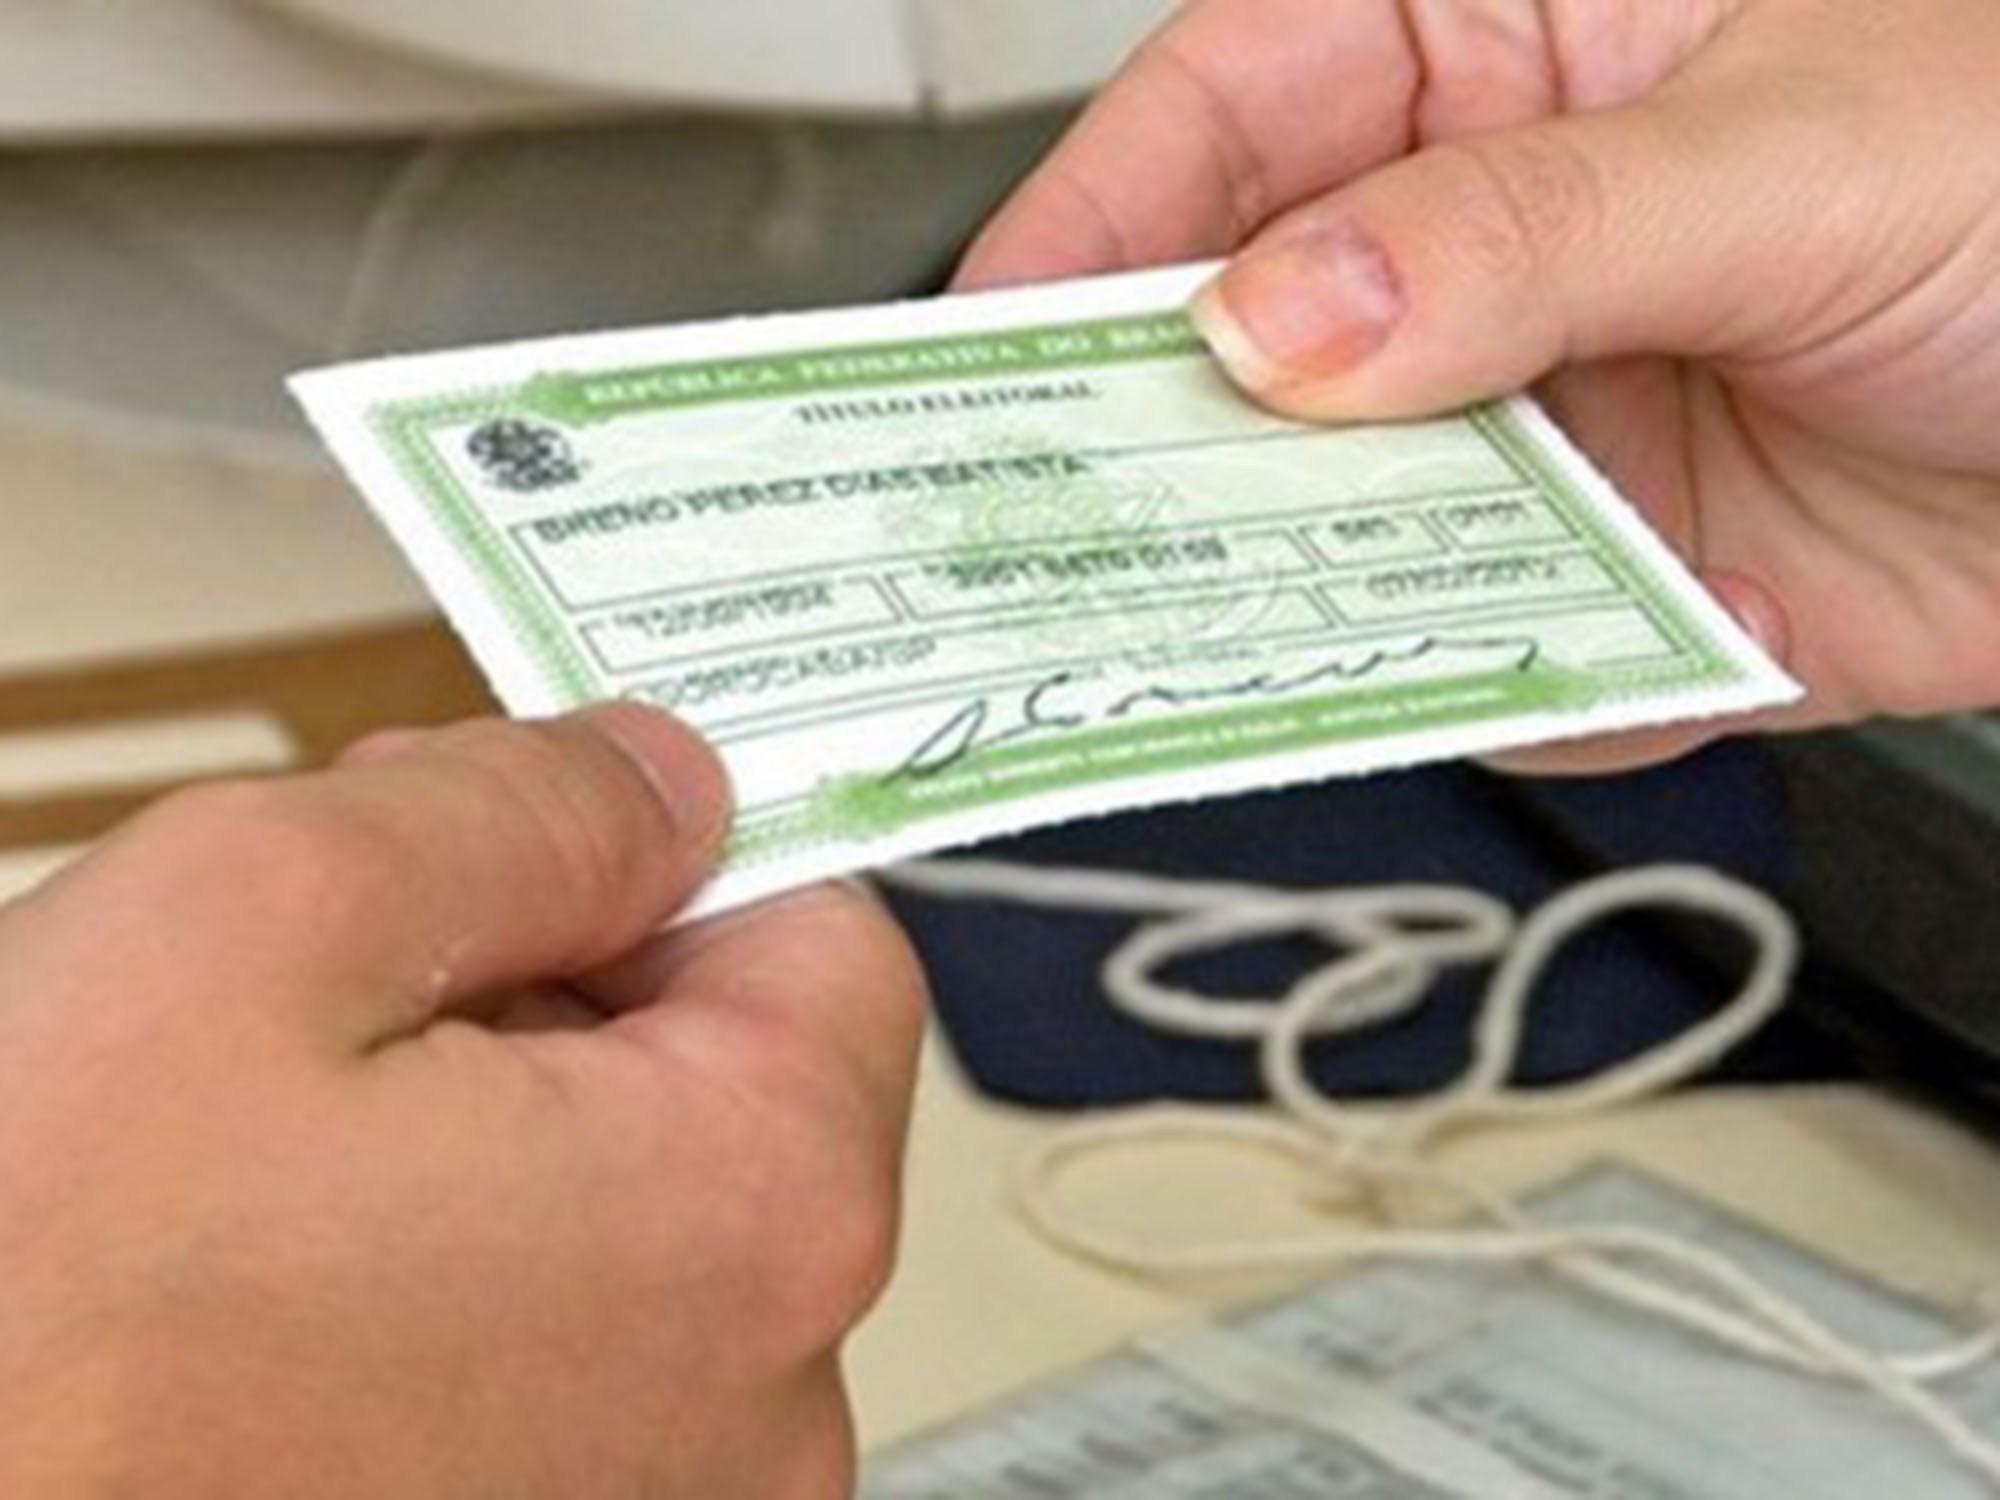 Eleitor de Cuiabá que estiver fora no dia 30 deve justificar ausência às urnas